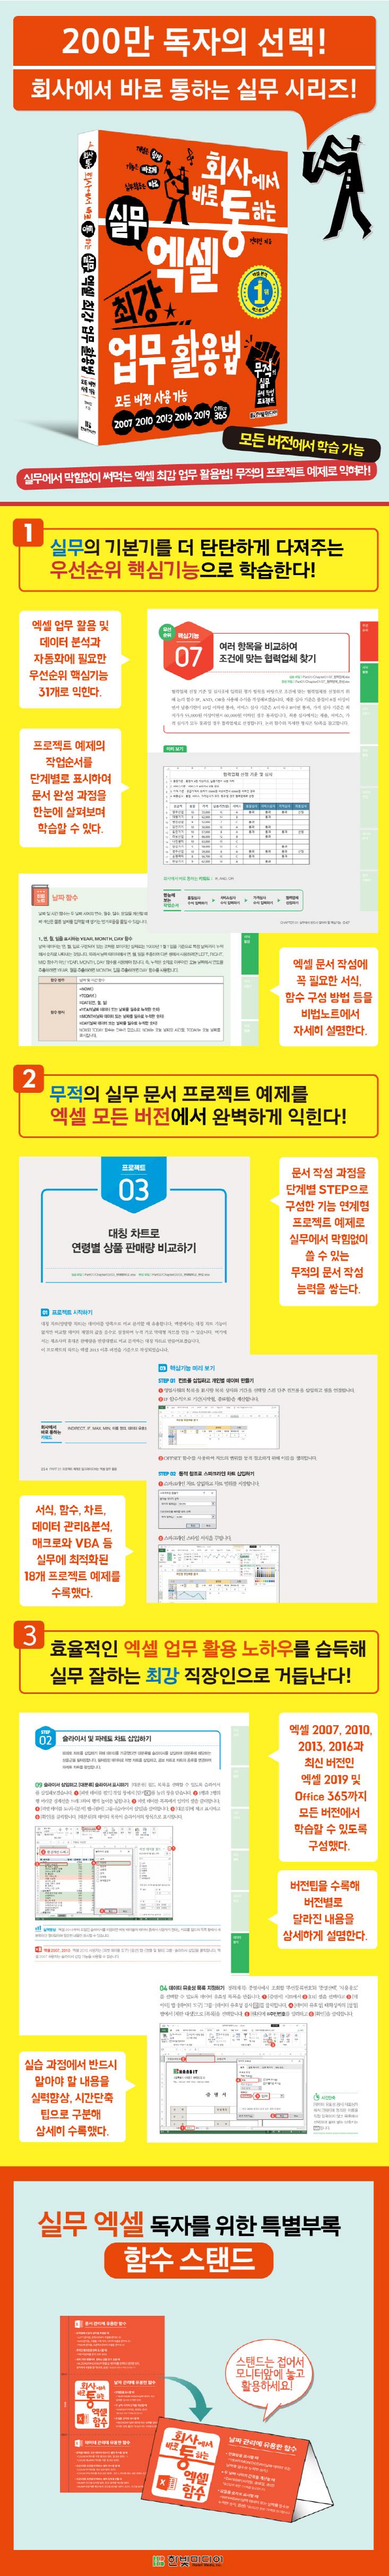 회사통실무엑셀최강업무활용법_상세페이지733.jpg